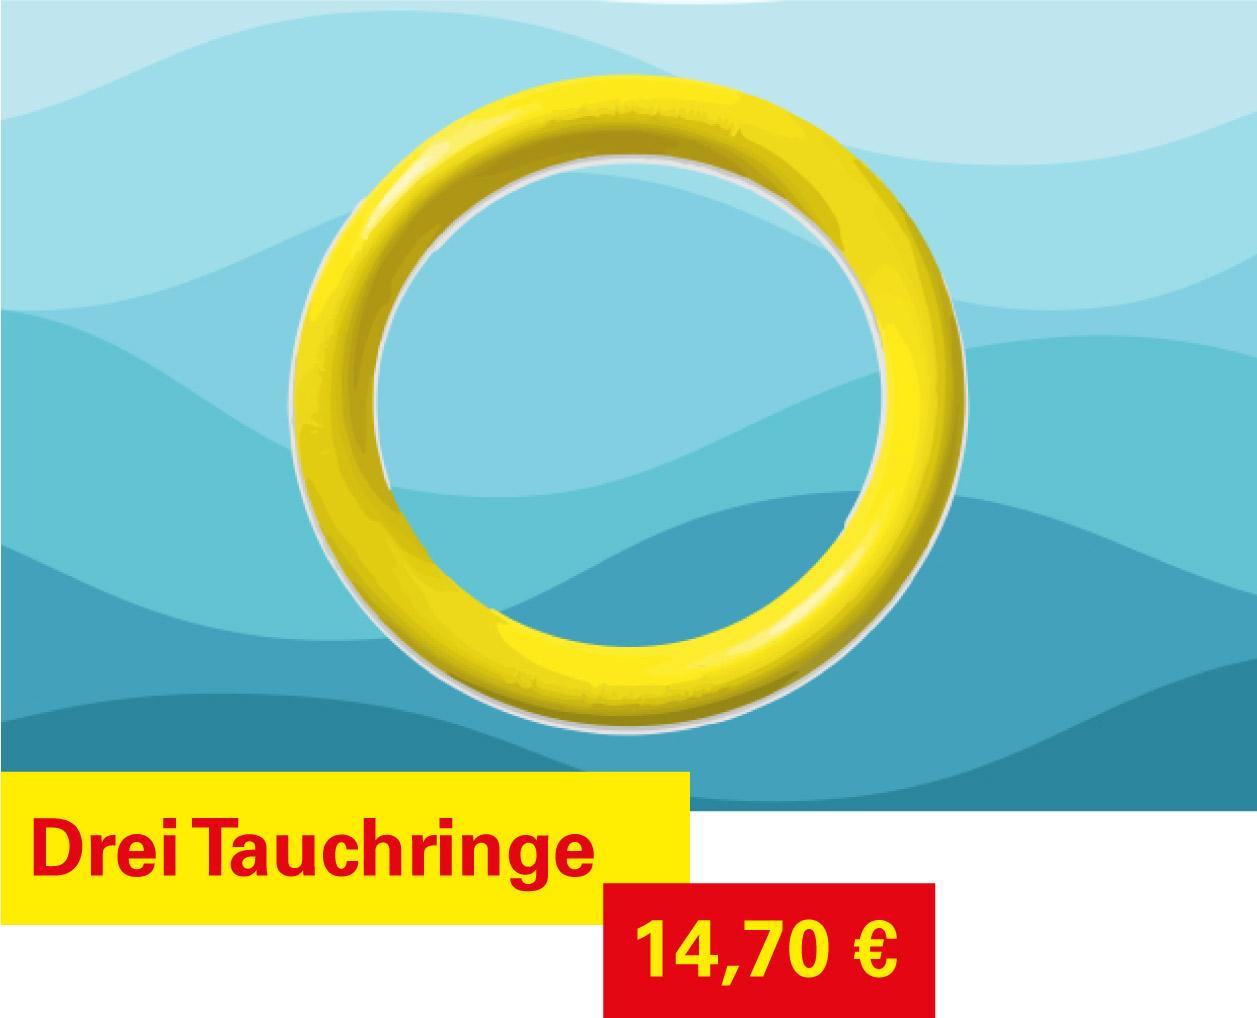 Tauchringe